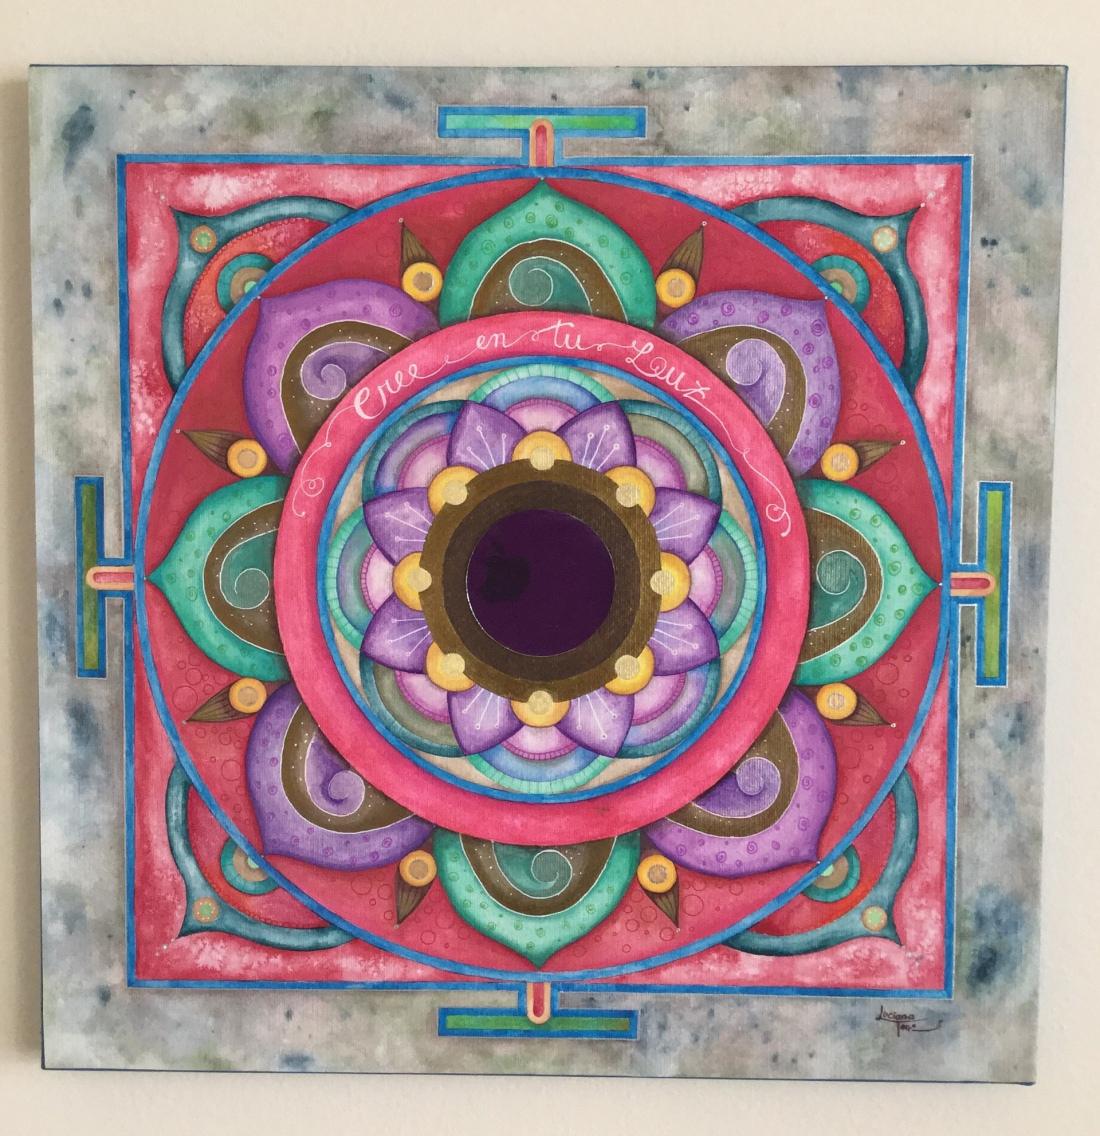 Quadro 'Mandala Cree en tu Luz' Dipinto su tela con acquerelli artigianali e metallizzati dall'artista Luciana Torre. Al centro è applicato uno specchio da 7,5 cm di diametro. Opera unica. Misure 50 x 50 cm. 130 EURO. Sono ogni volta un'opportunità per rispecchiare la tua luce ed invitarti a farla brillare ogni giorno di più, attingendo al tuo potere personale. Attraverso lo specchio centrale rifletto l'evoluzione di tutte le tue immagini, portandoti sempre al momento presente. Sono Luciana Torre, come artista e arteterapista mi dedico a creare mandala personali, mandala intuitivi e mandala di famiglia. Su lucianatorre.com trovi tante idee regalo e ispirazioni per creare il tuo mandala personale.